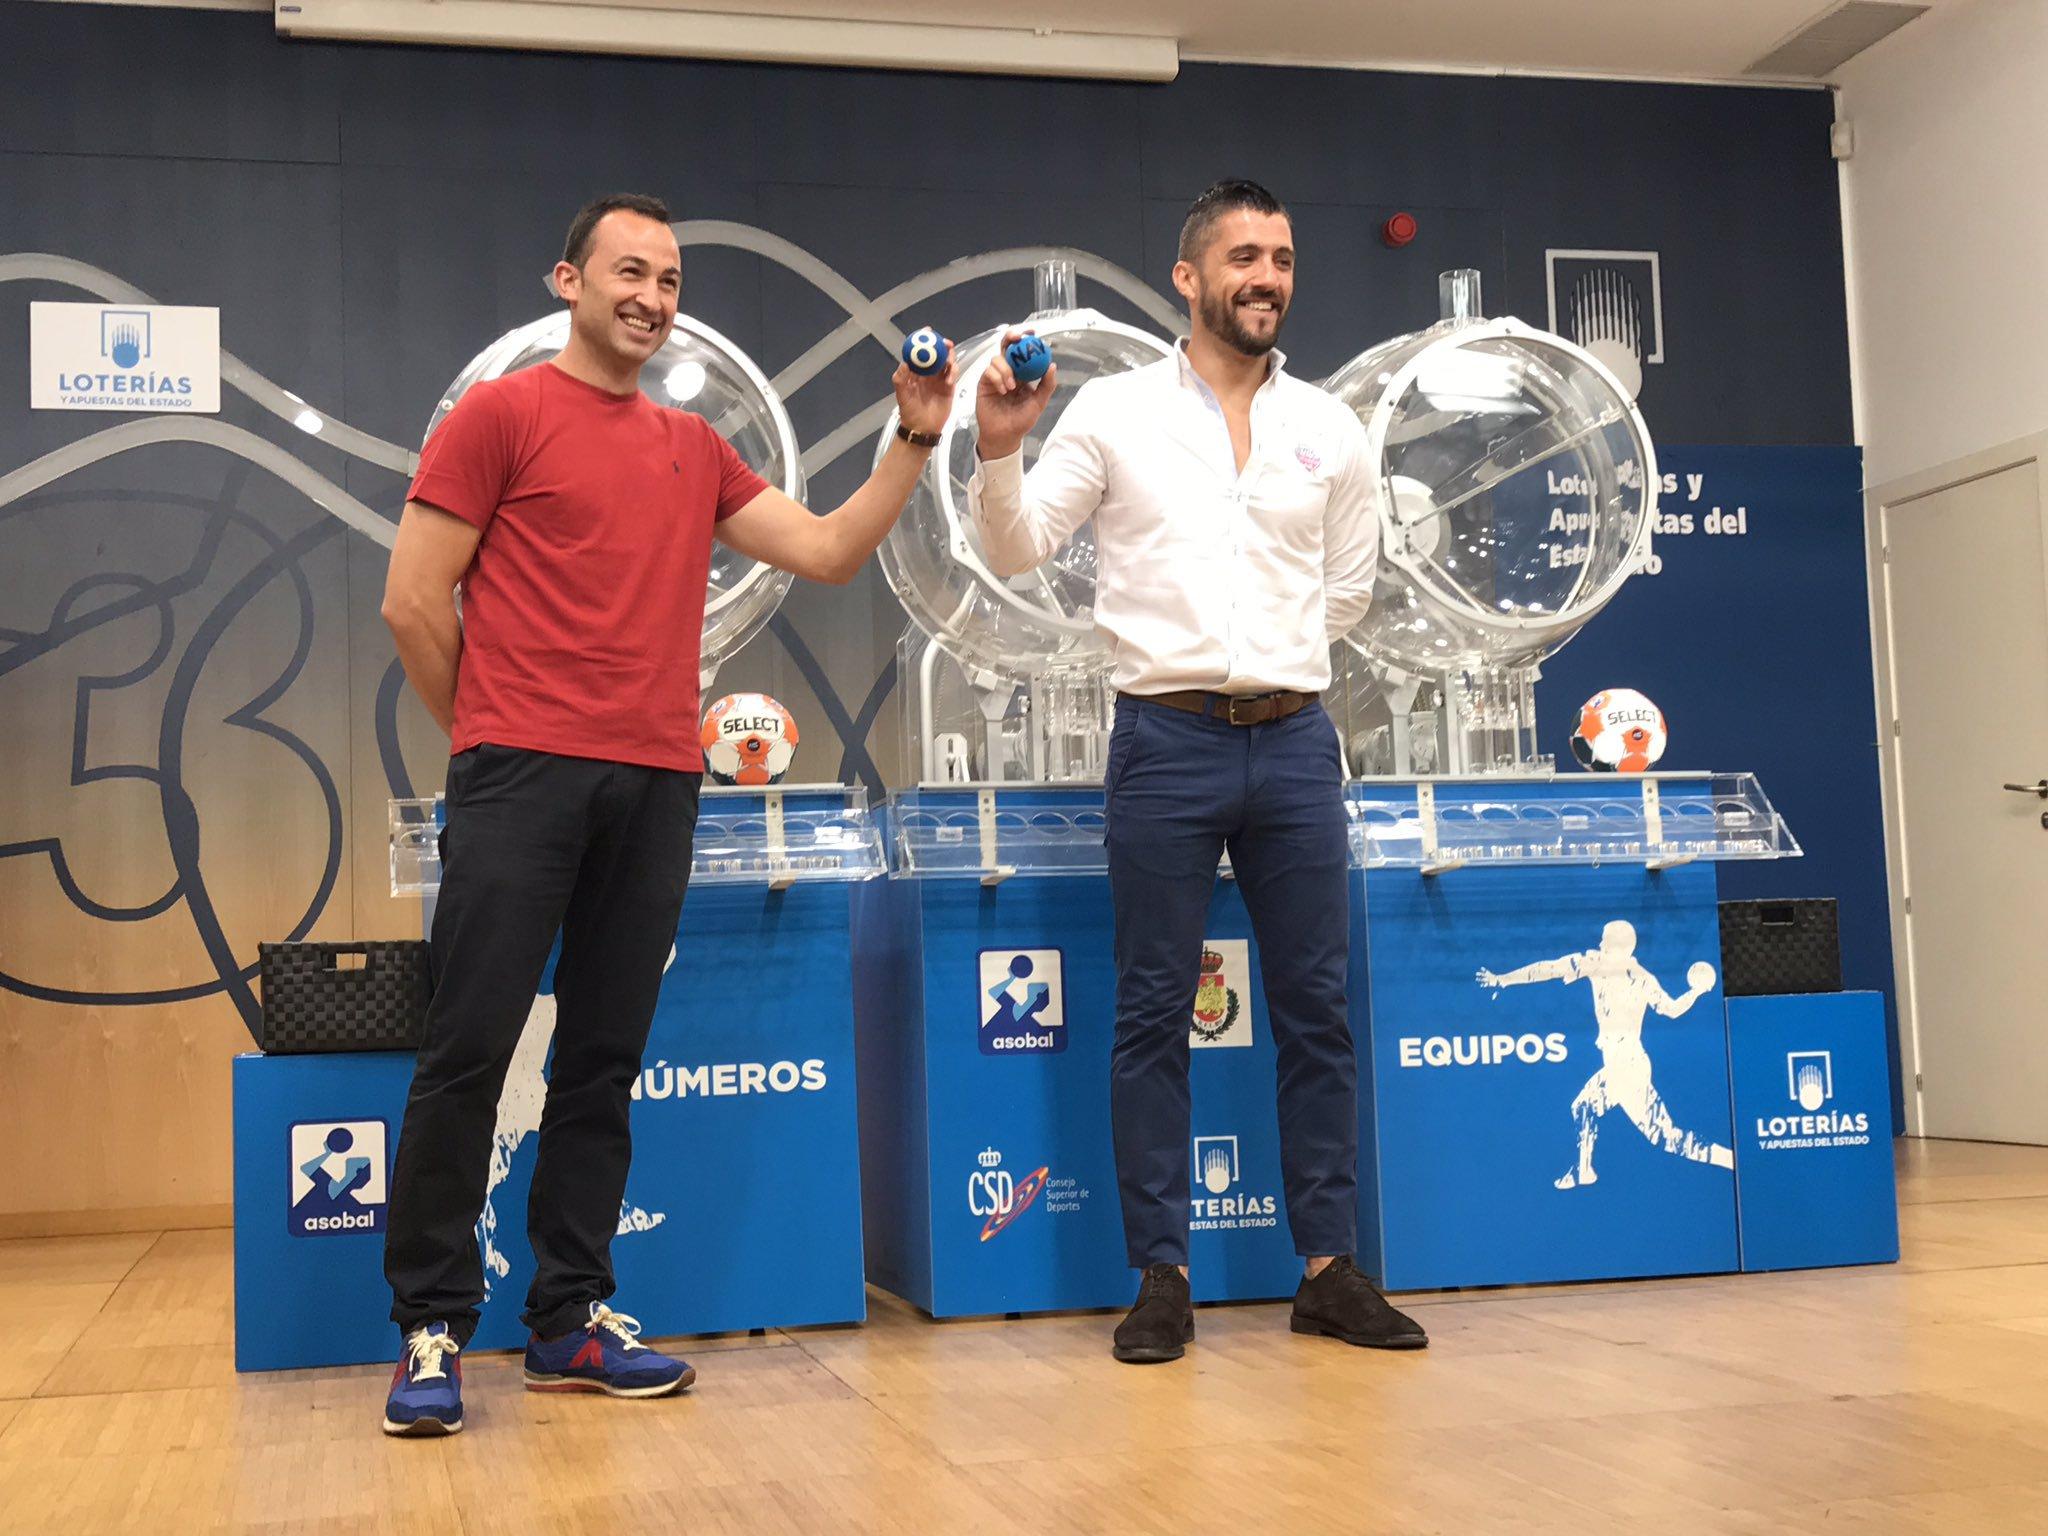 Sorteo Calendario Liga 2020.Viveros Herol Bm Nava Recoletas Atletico Valladolid Derbi